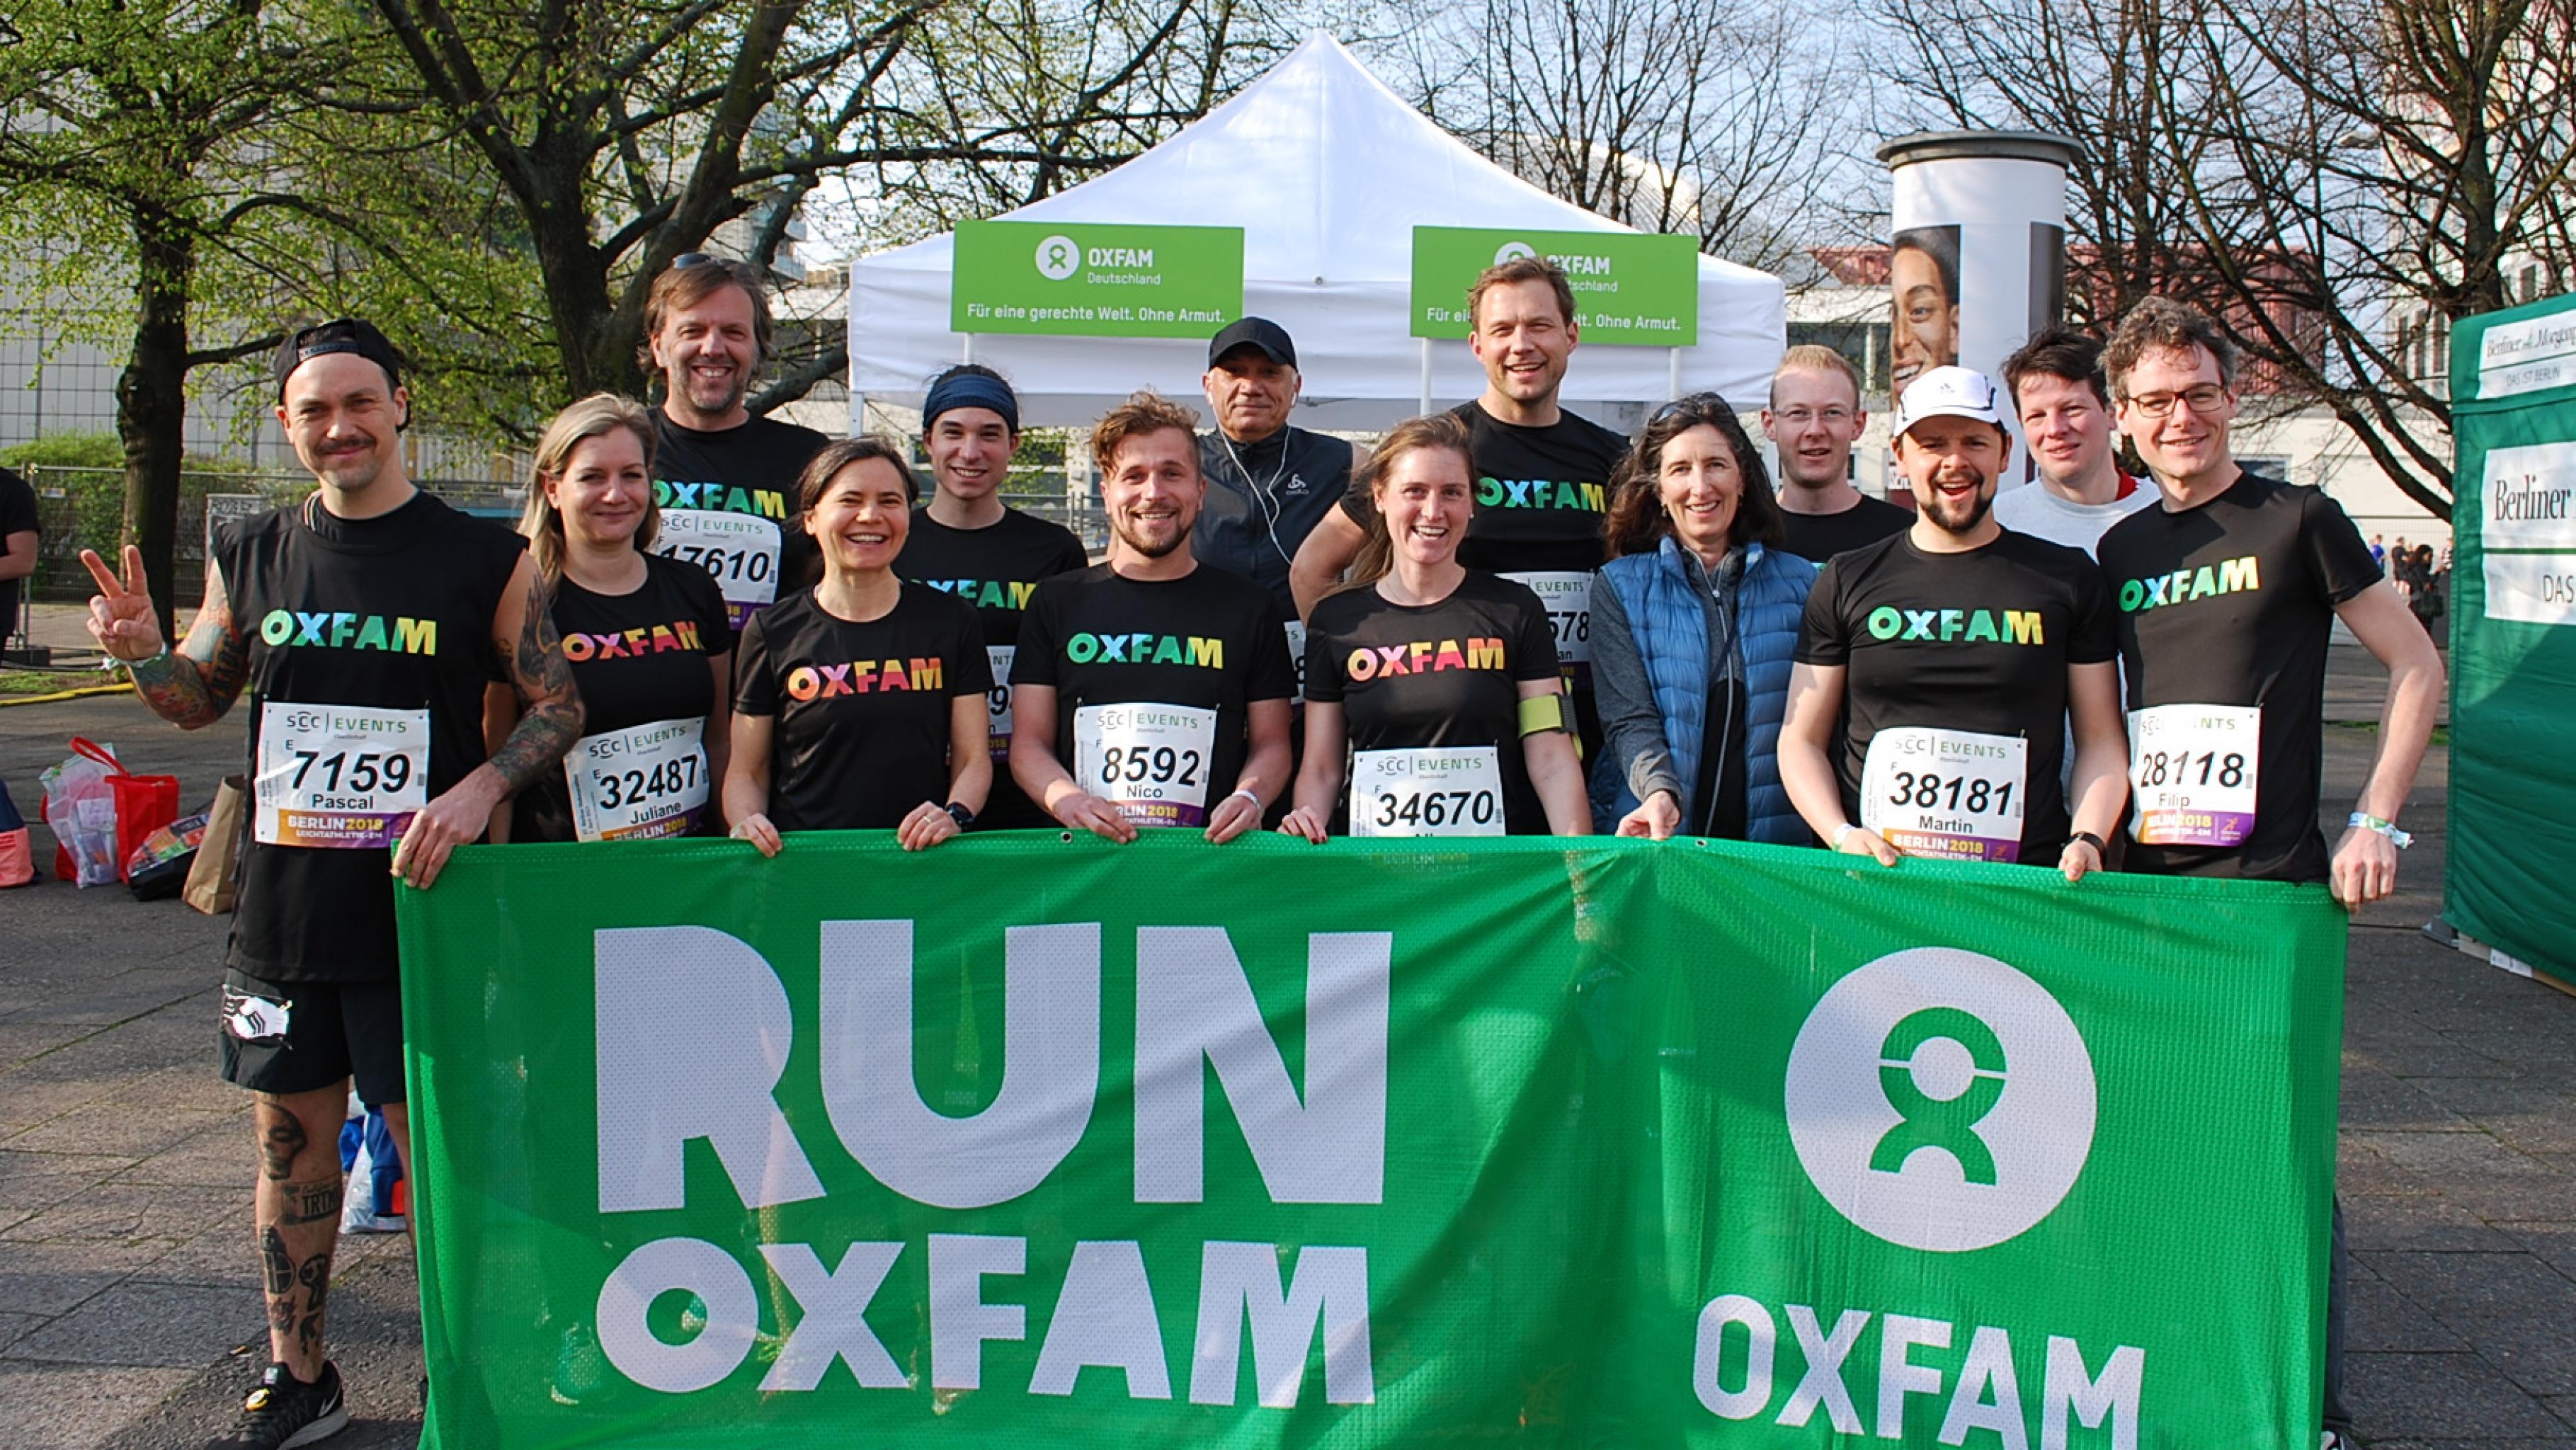 Charitypl tze beim berliner halbmarathon am 8 april 2018 for Oxfam spenden